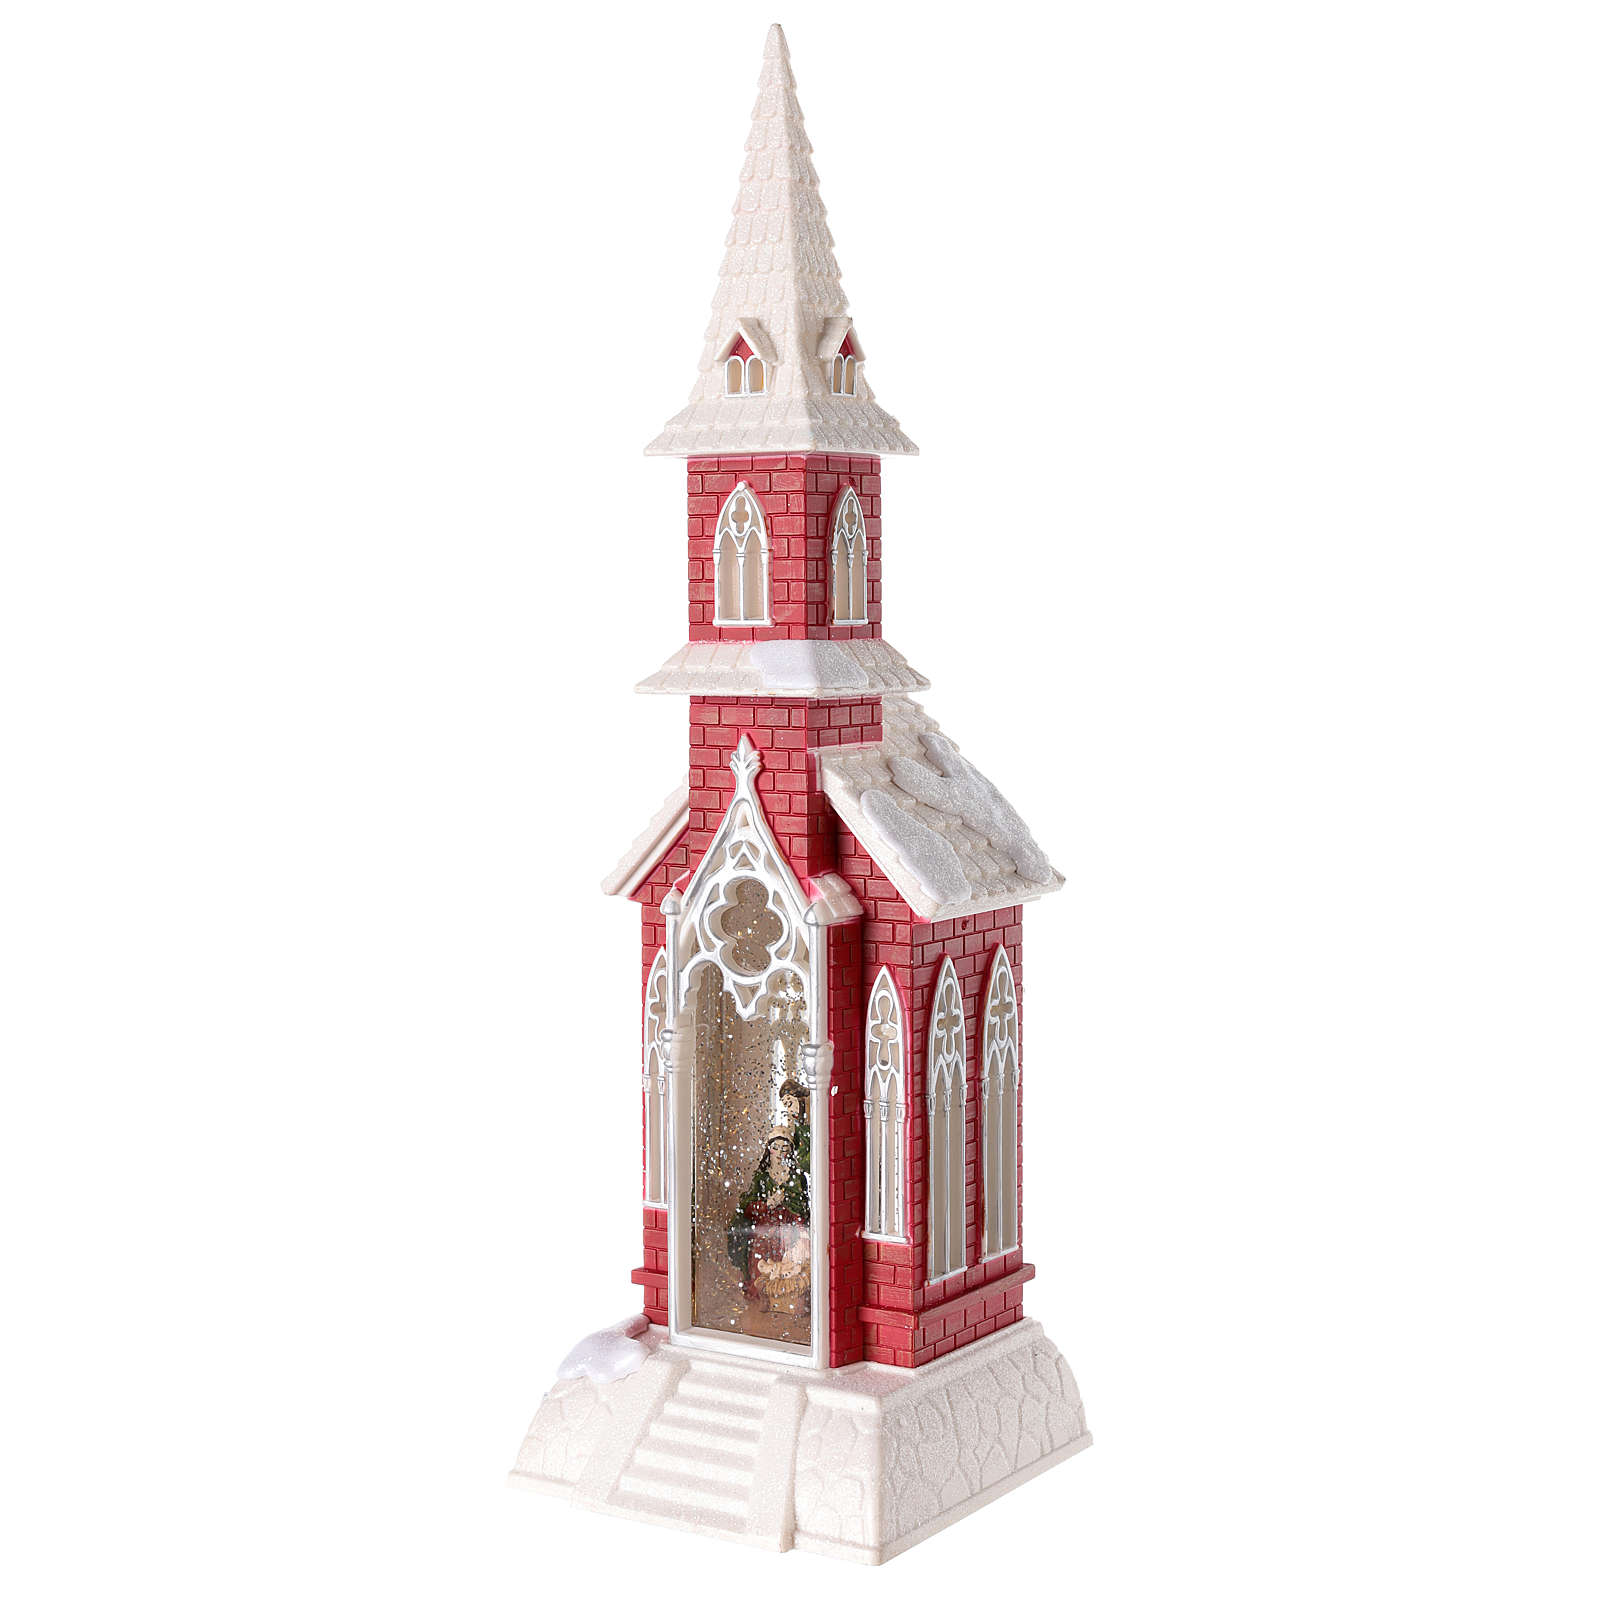 Globo de neve em forma de igreja com natividade 50x15x15 cm 3